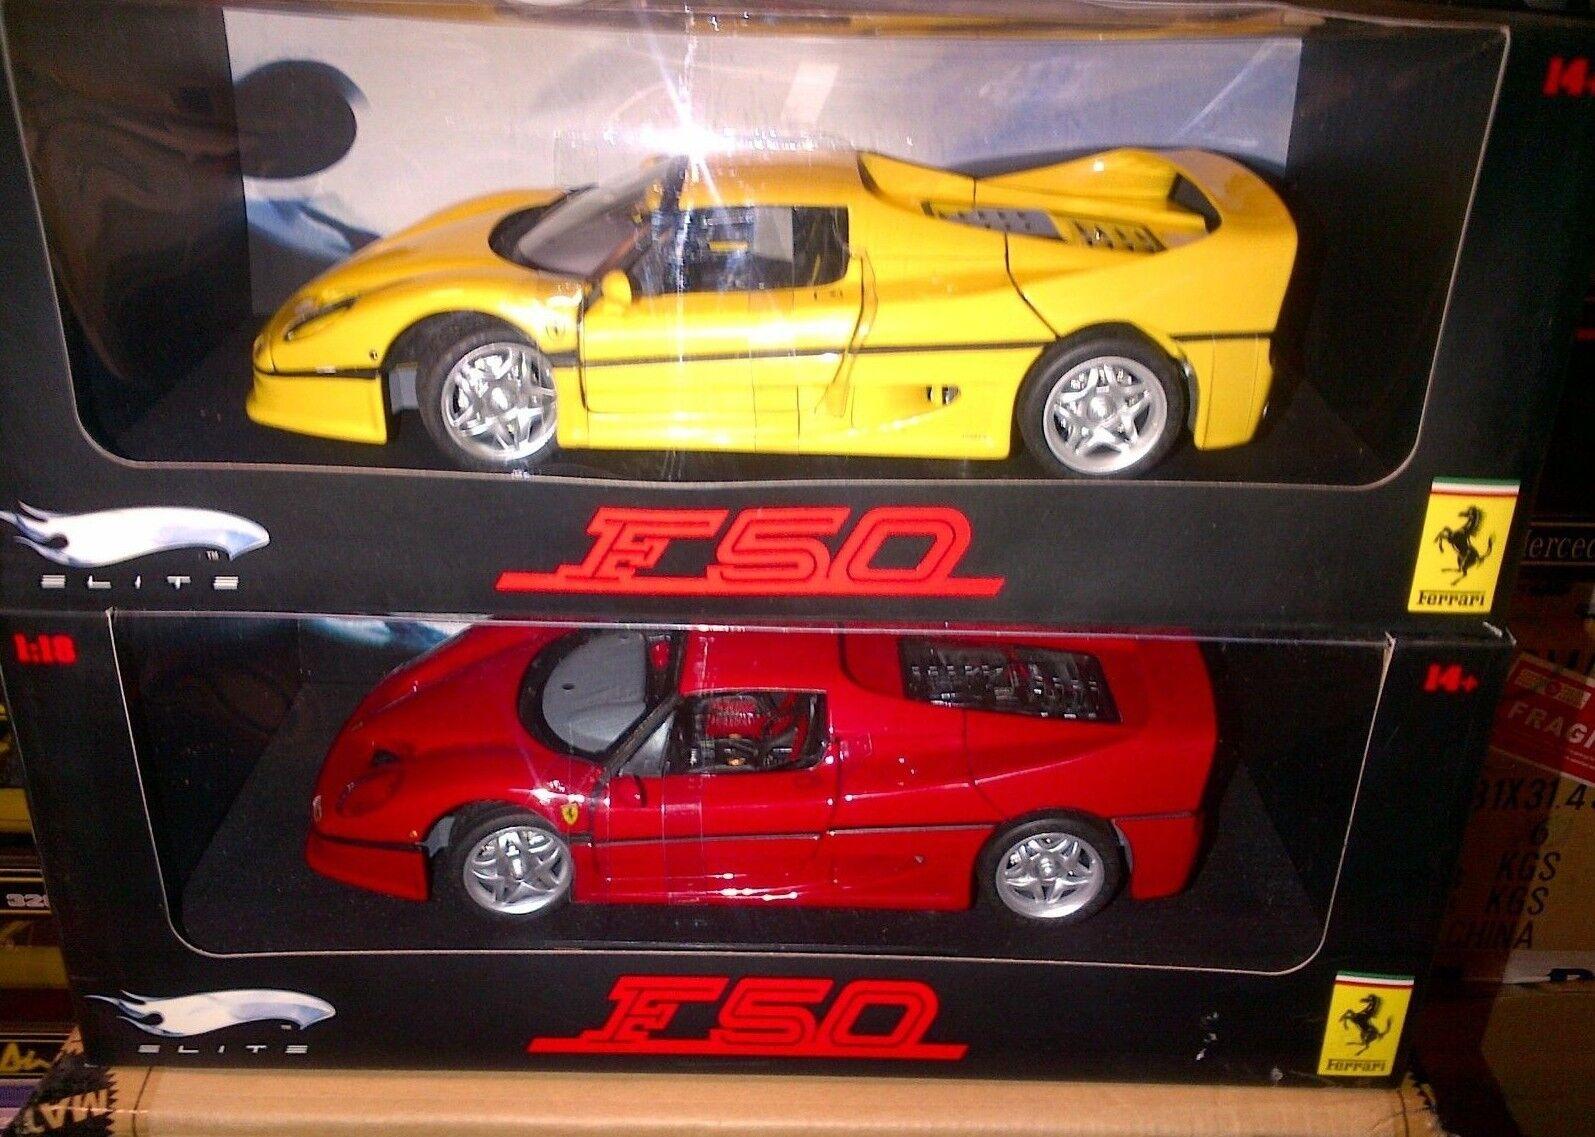 Lote de 2 Modelos Ferrari F50 Rojo y Amarillo Hot Wheels Elite 1:18 Totalmente Nuevo En Cajas